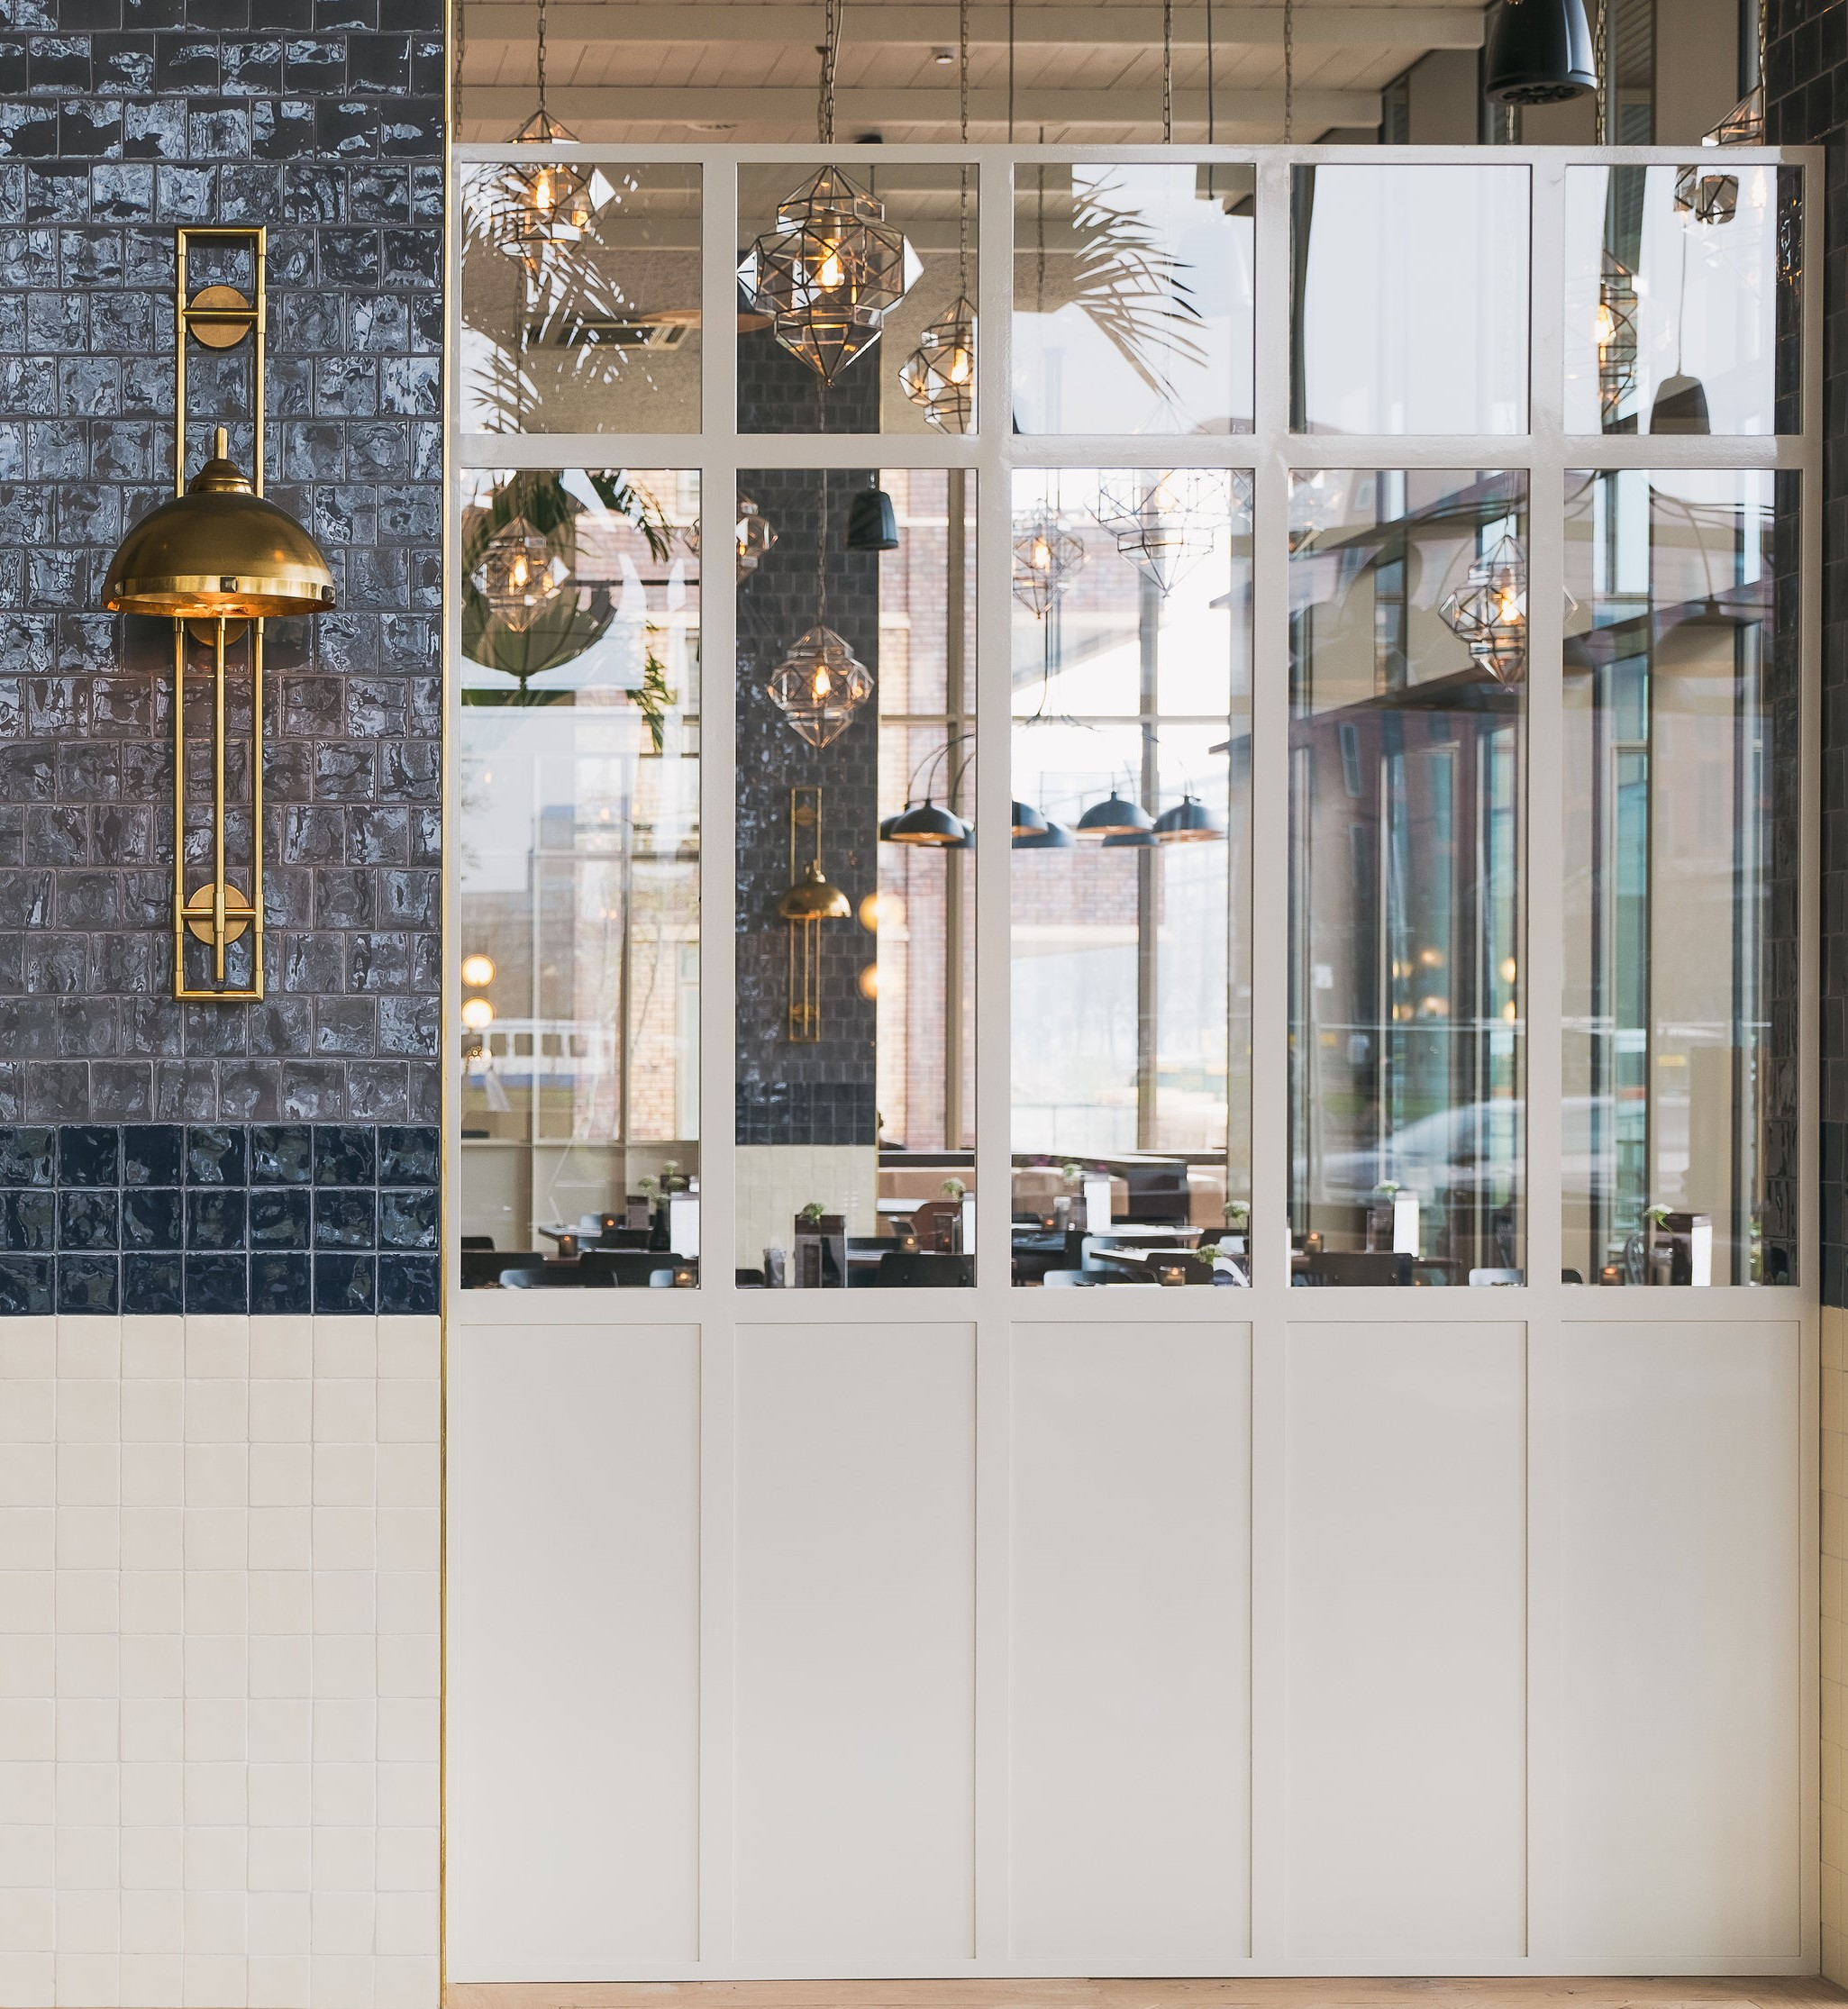 EStudios de diseño de interiores y lámparas a medida en restaurante Loetje